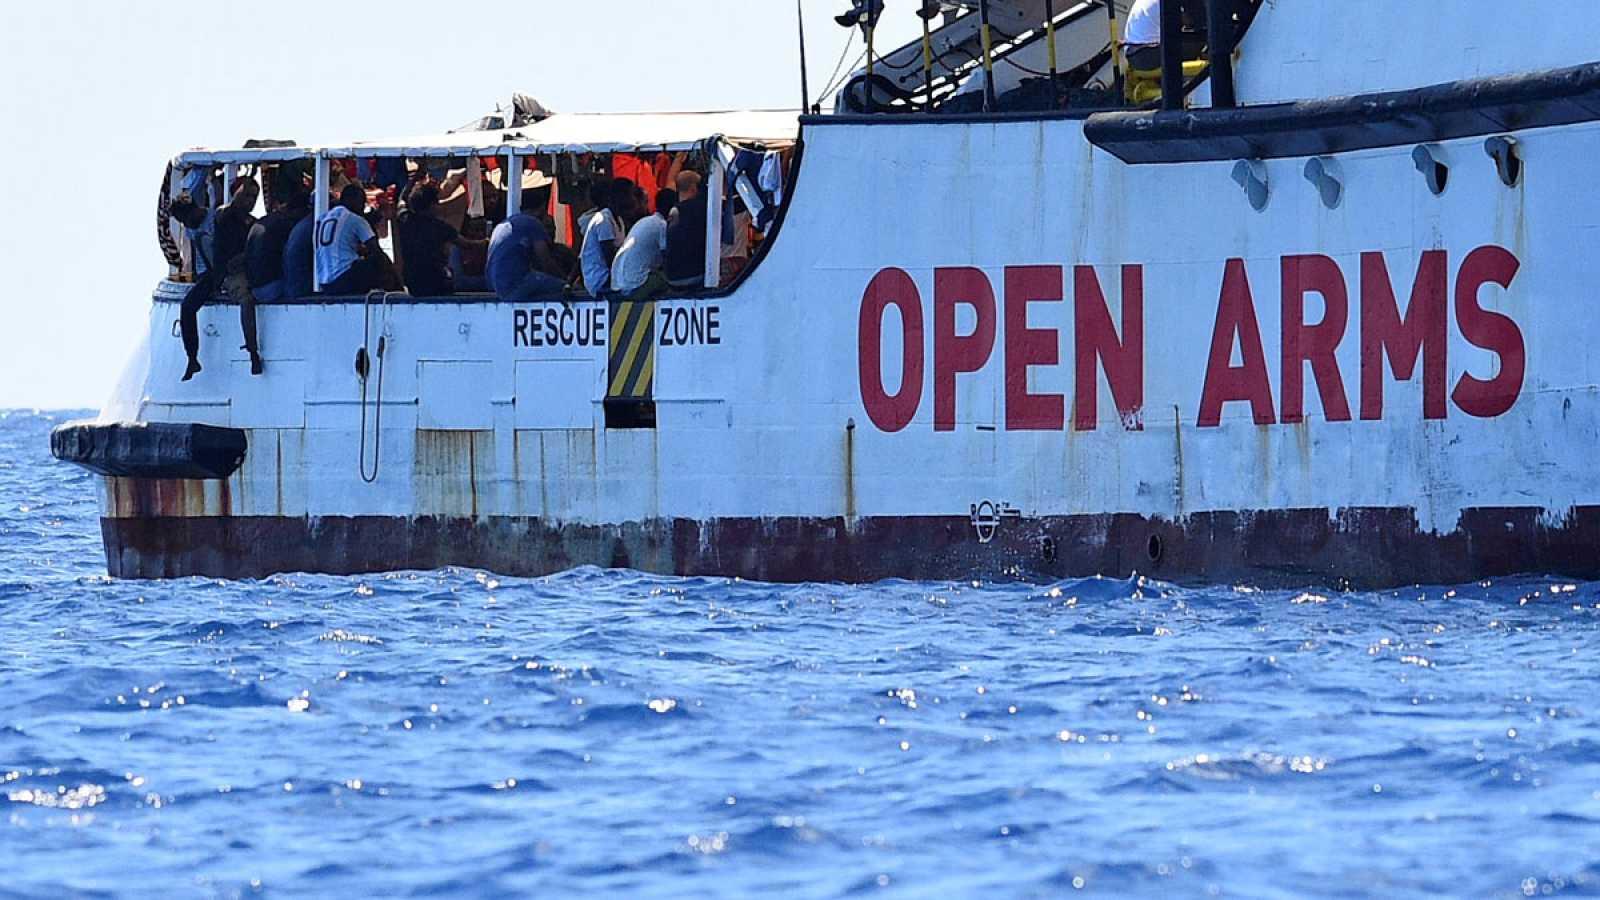 El 'Open Arms' pide el desembarco inmediato en Lampedusa